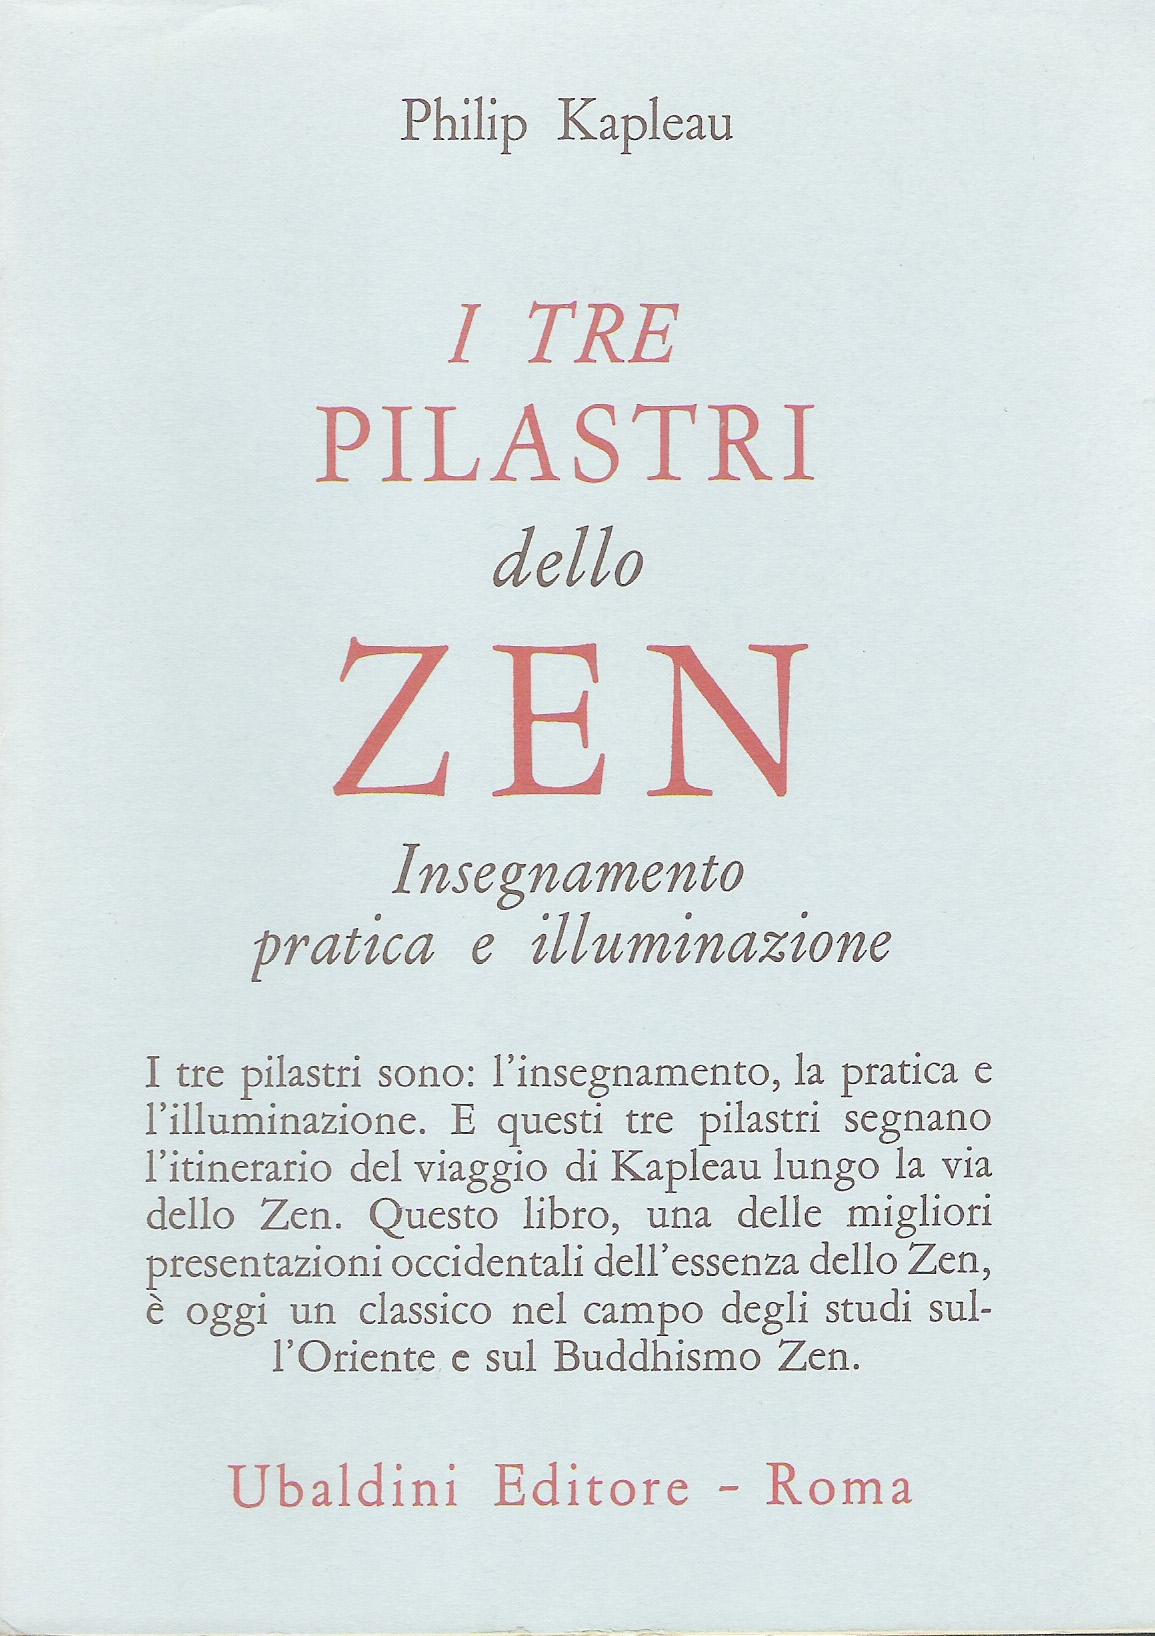 I tre pilastri dello zen